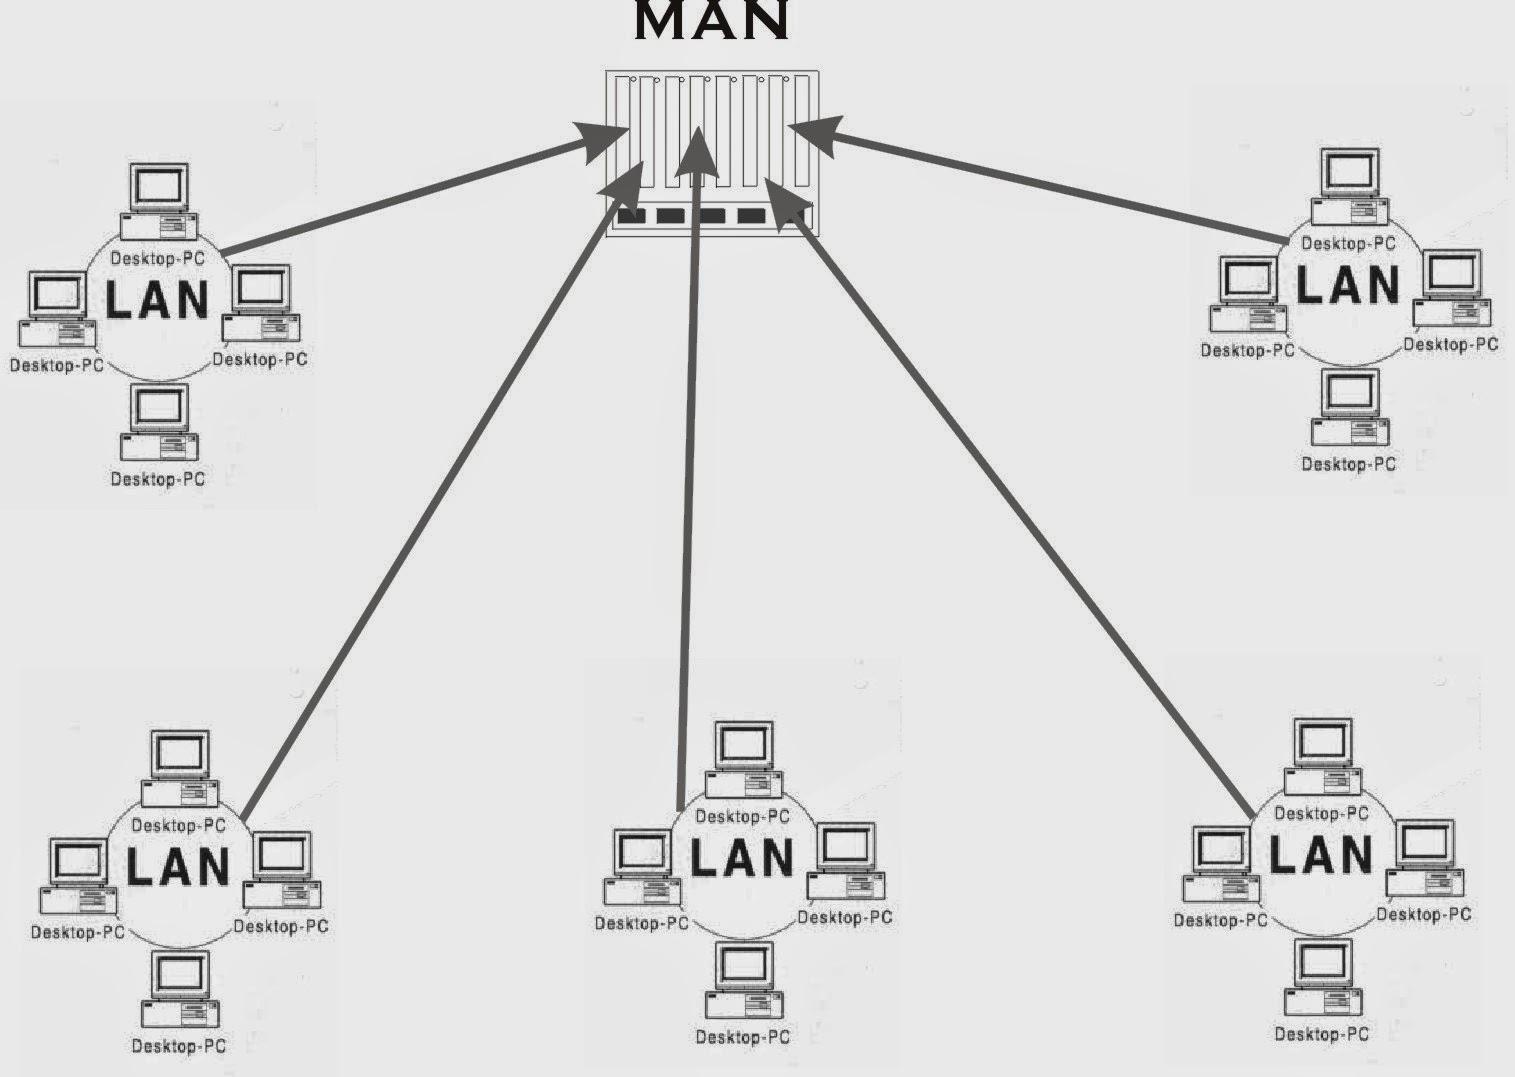 The new era virtual qual a diferena entre lan man wan e pan wan wide area networks j a wan permite interligao em redes locais metropolitanas e equipamentos de rede em uma grande rea ccuart Choice Image